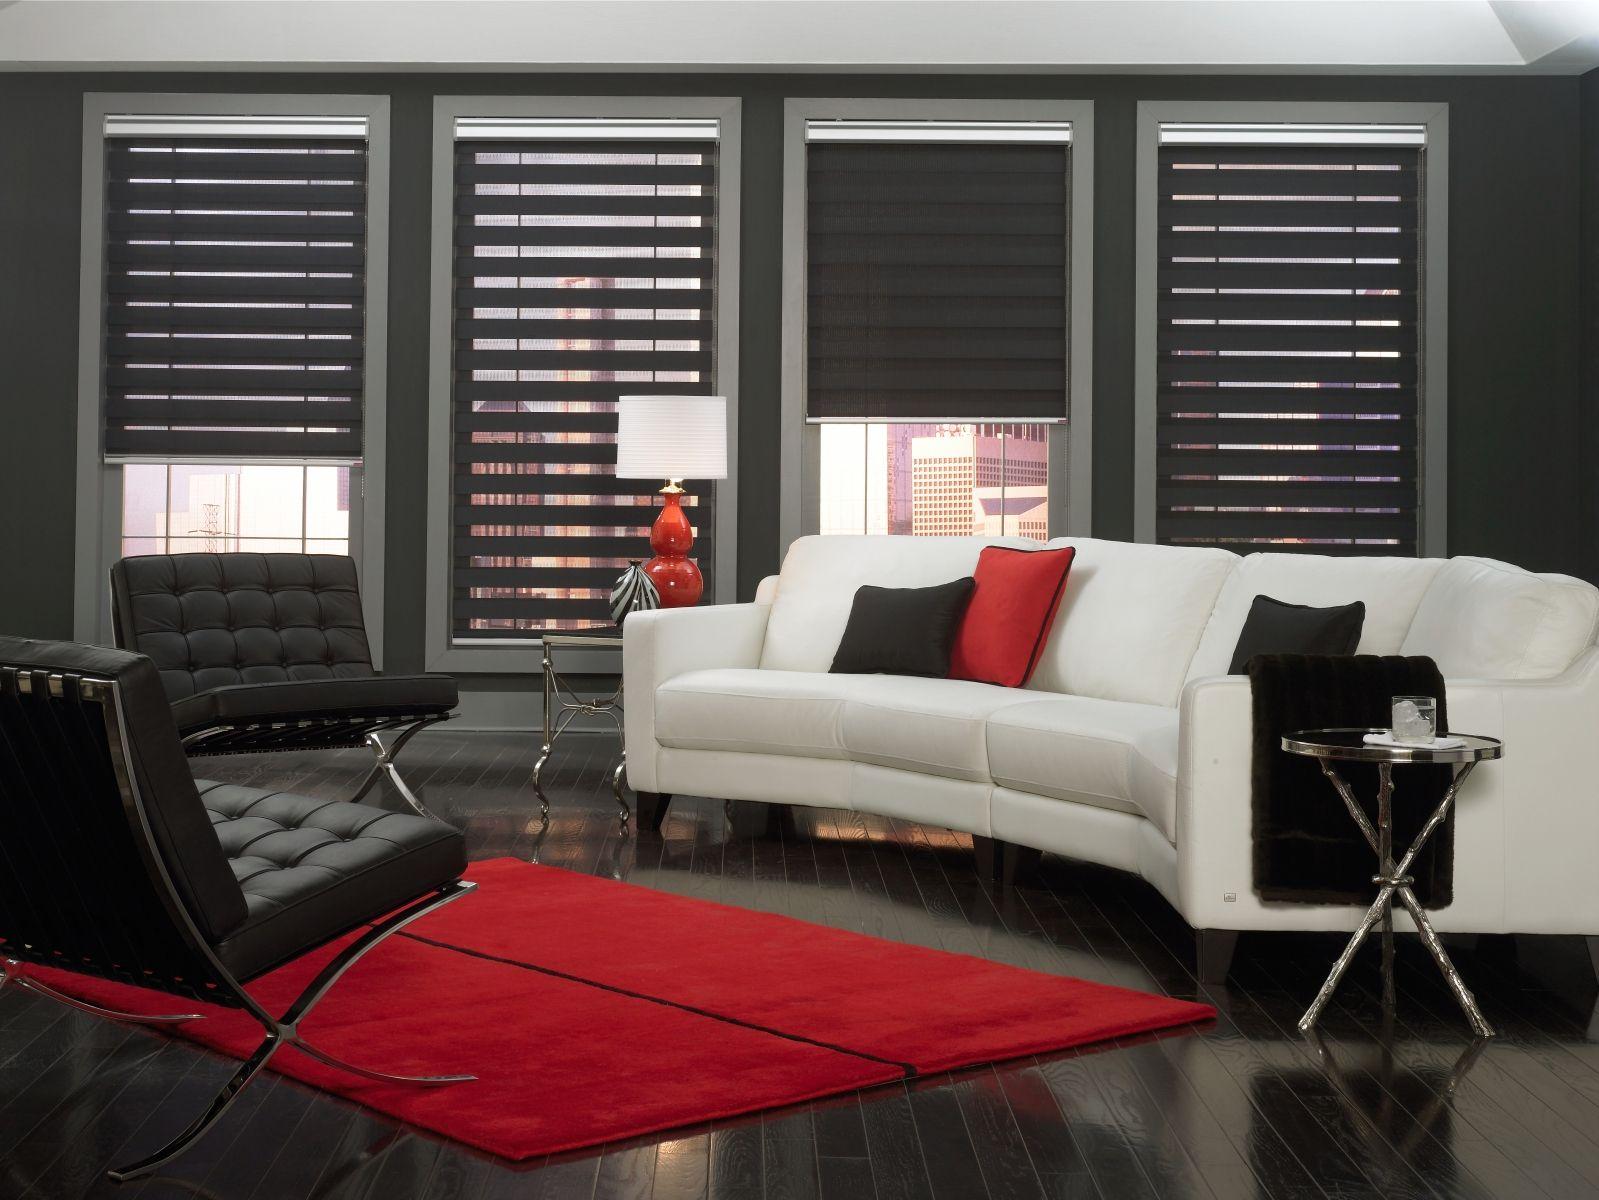 Wohnzimmer Rollos ~ 10 besten sonnenschutz ideen für´s wohnzimmer bilder auf pinterest